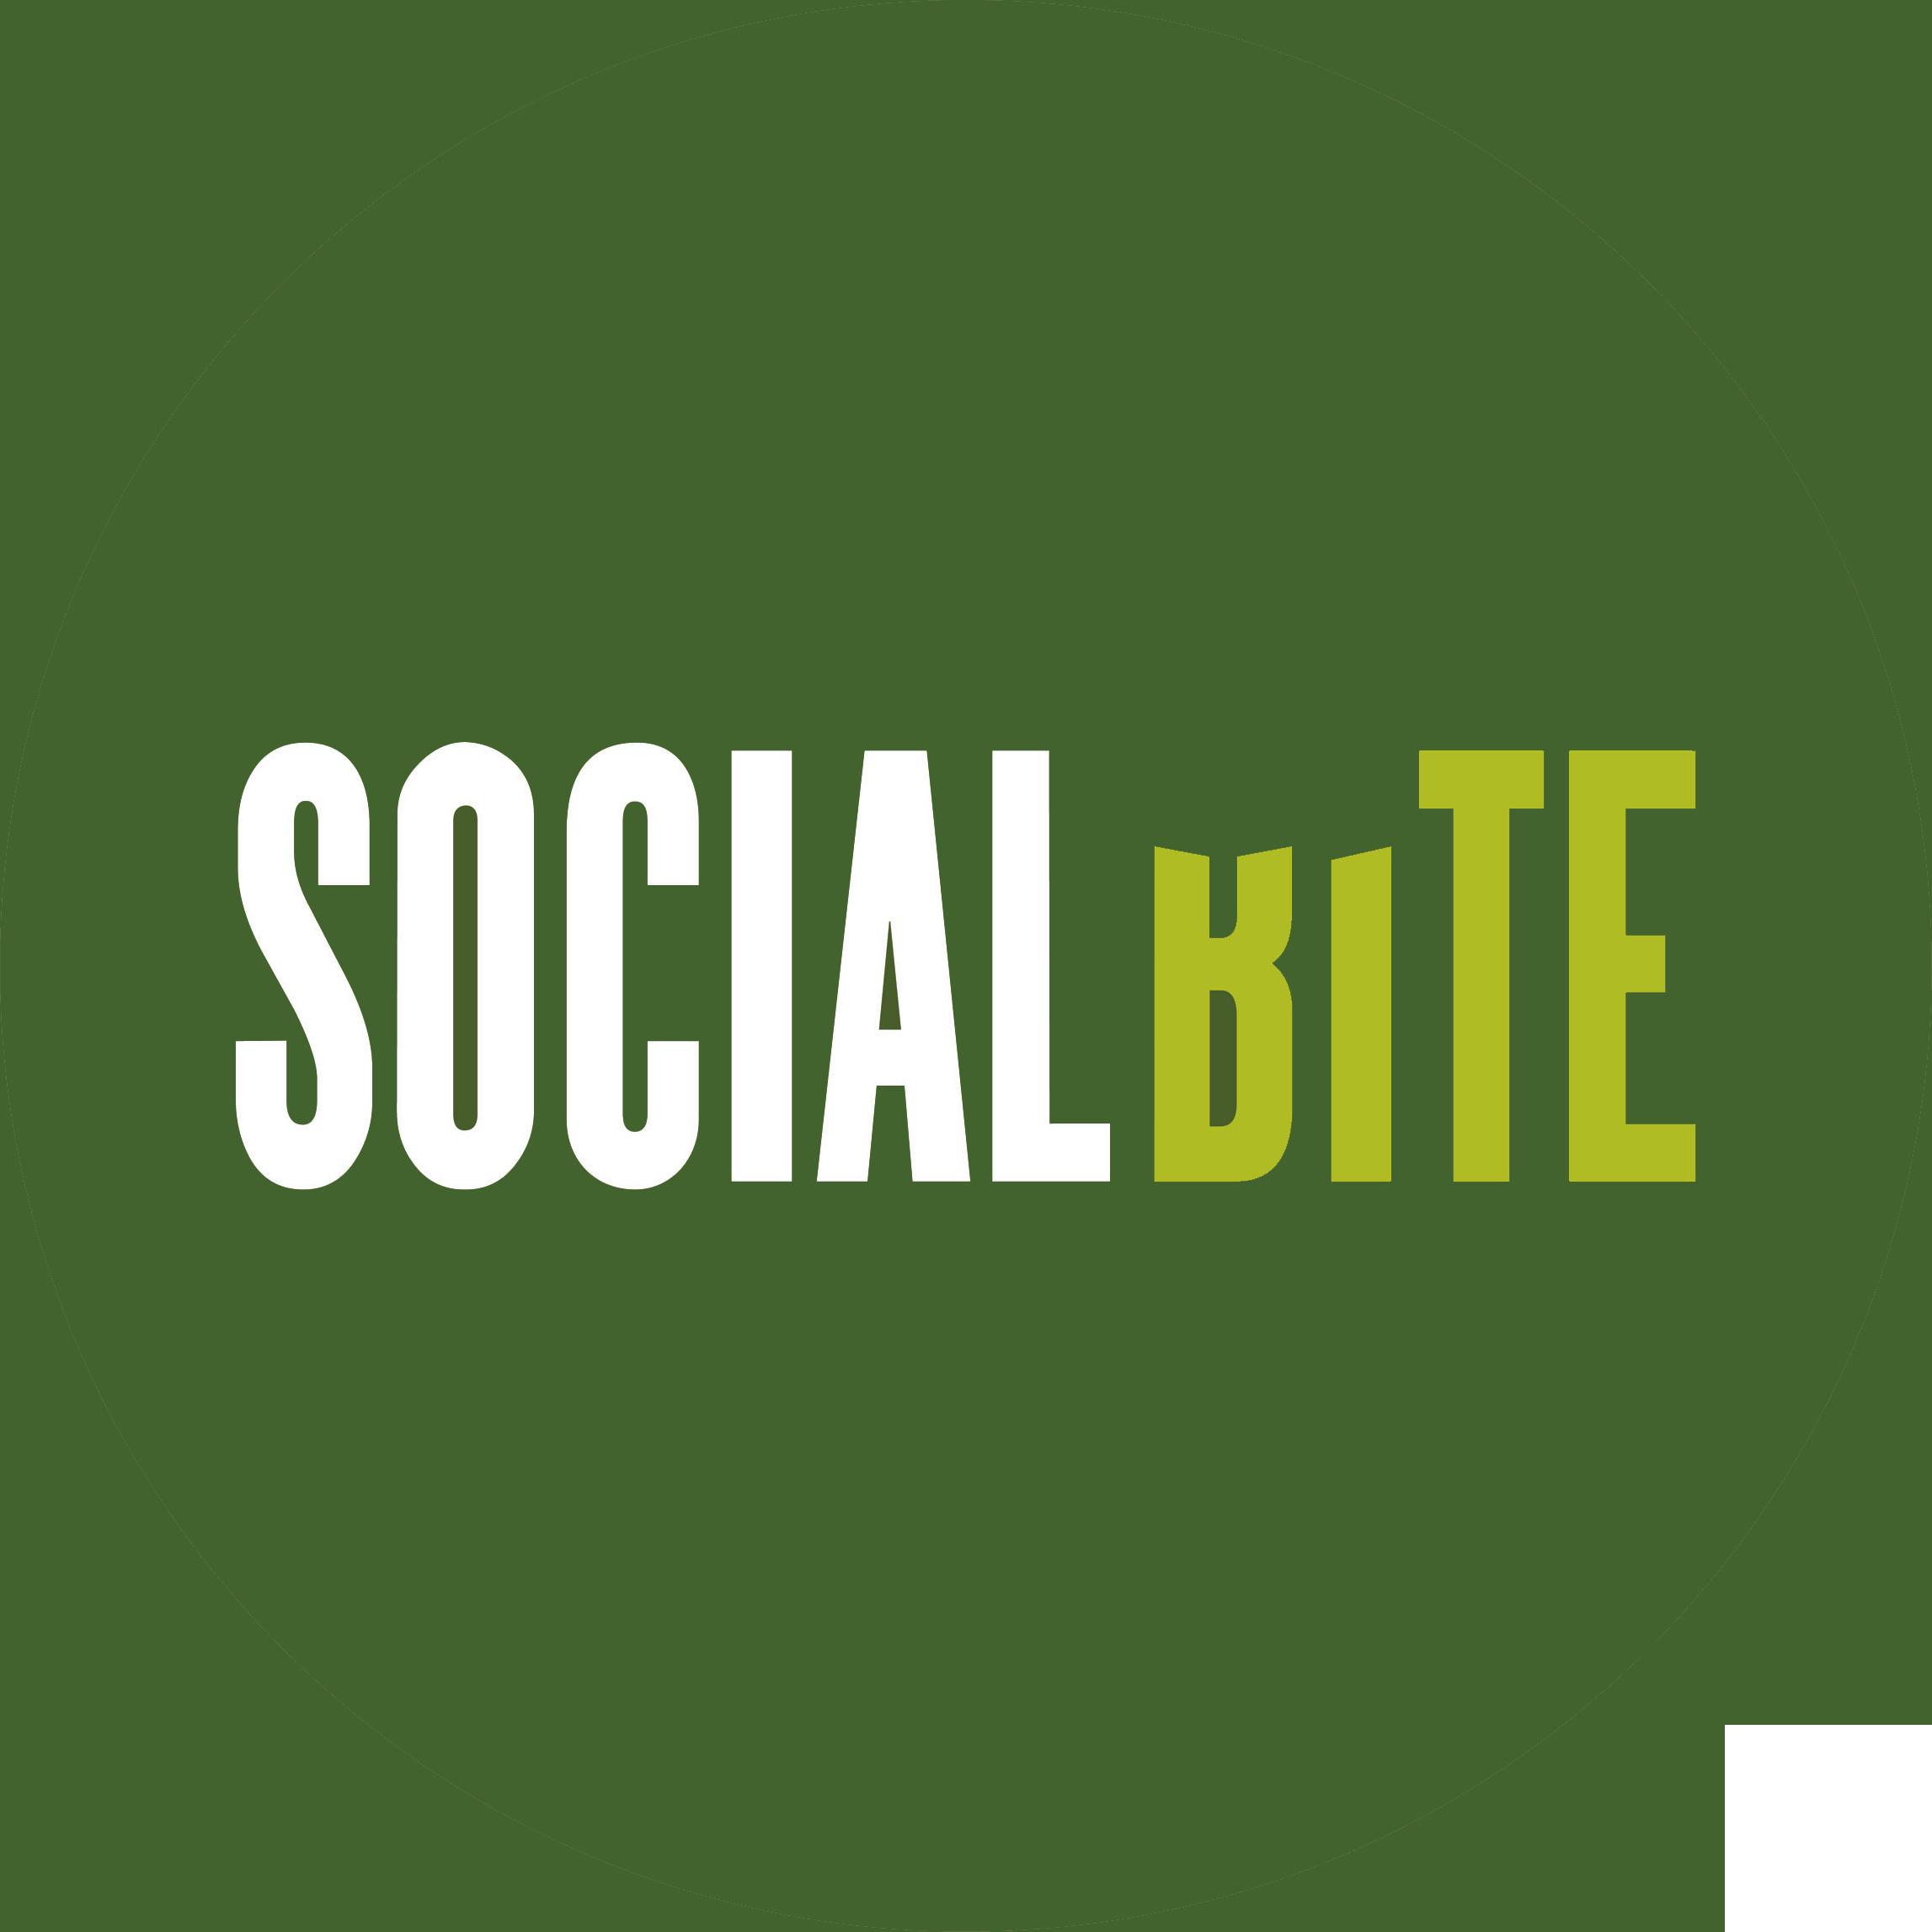 SOCIAL BITE LOGO